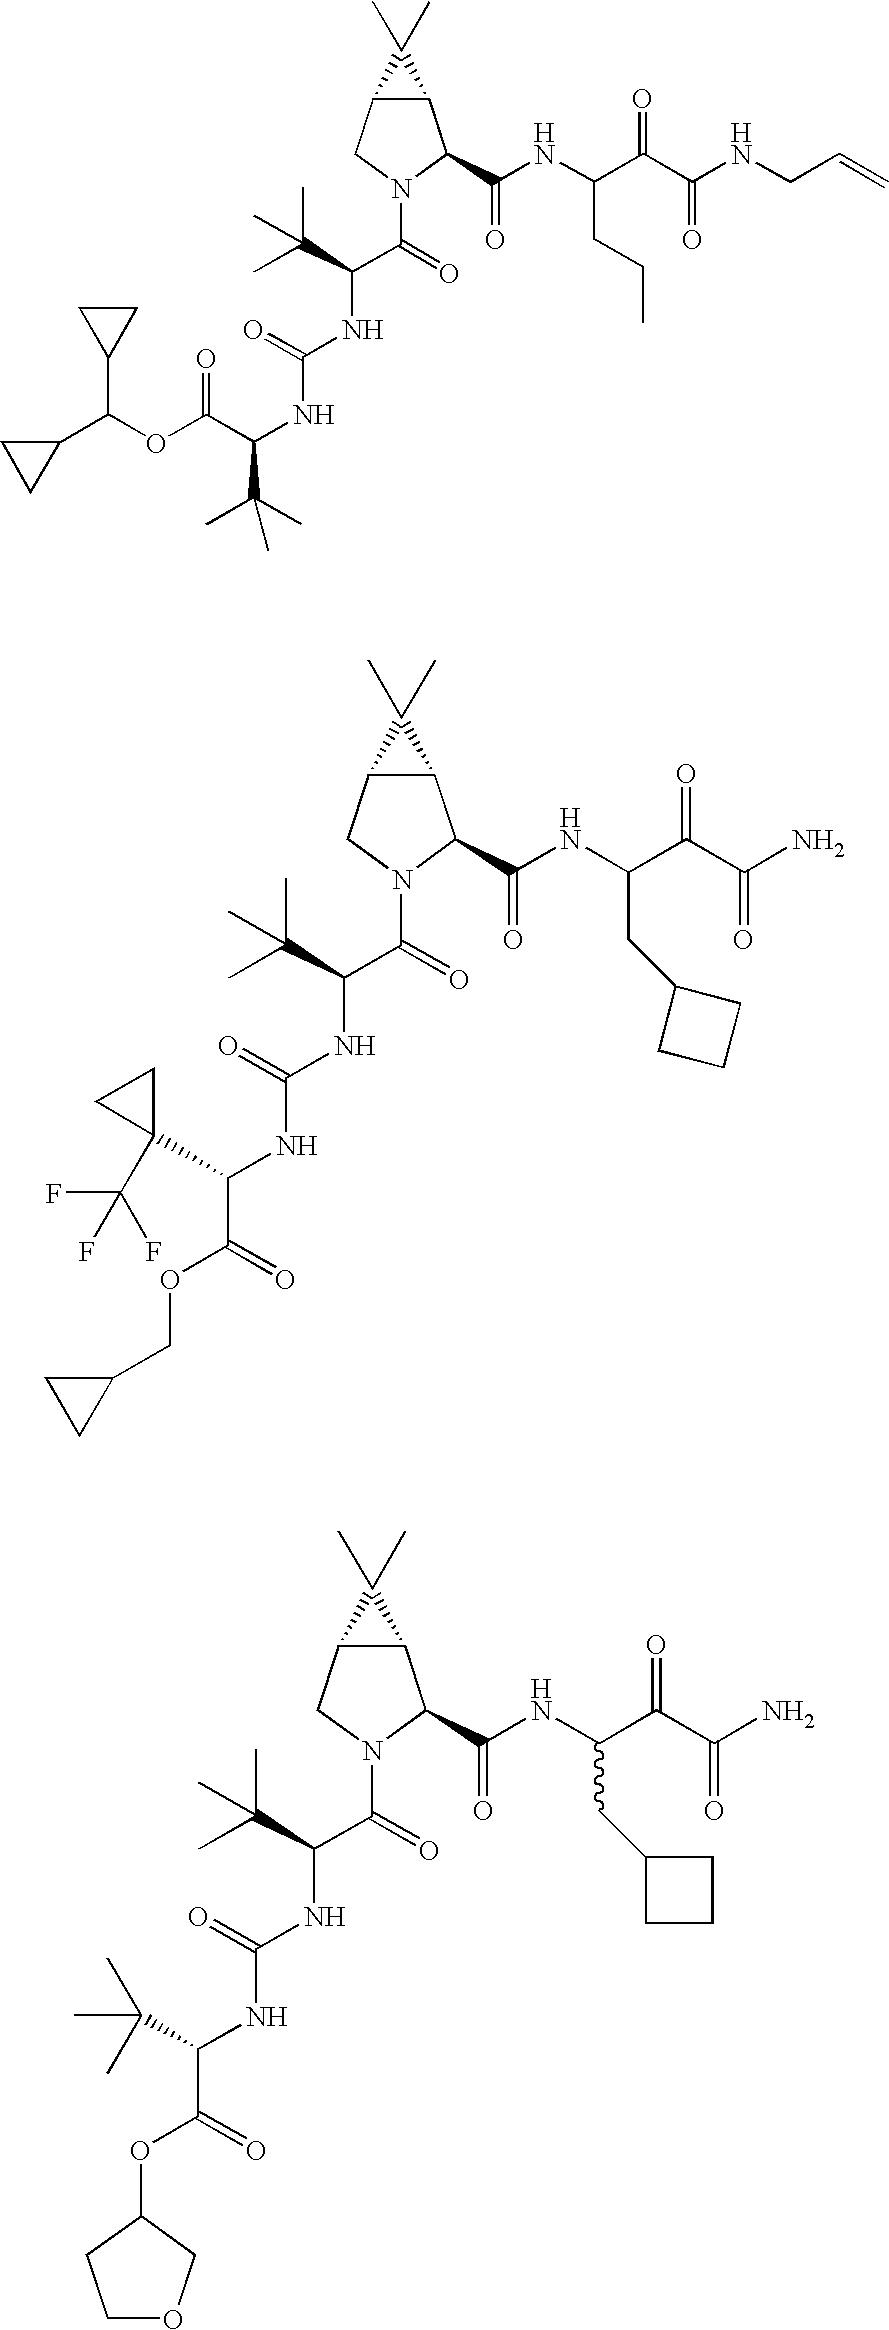 Figure US20060287248A1-20061221-C00266